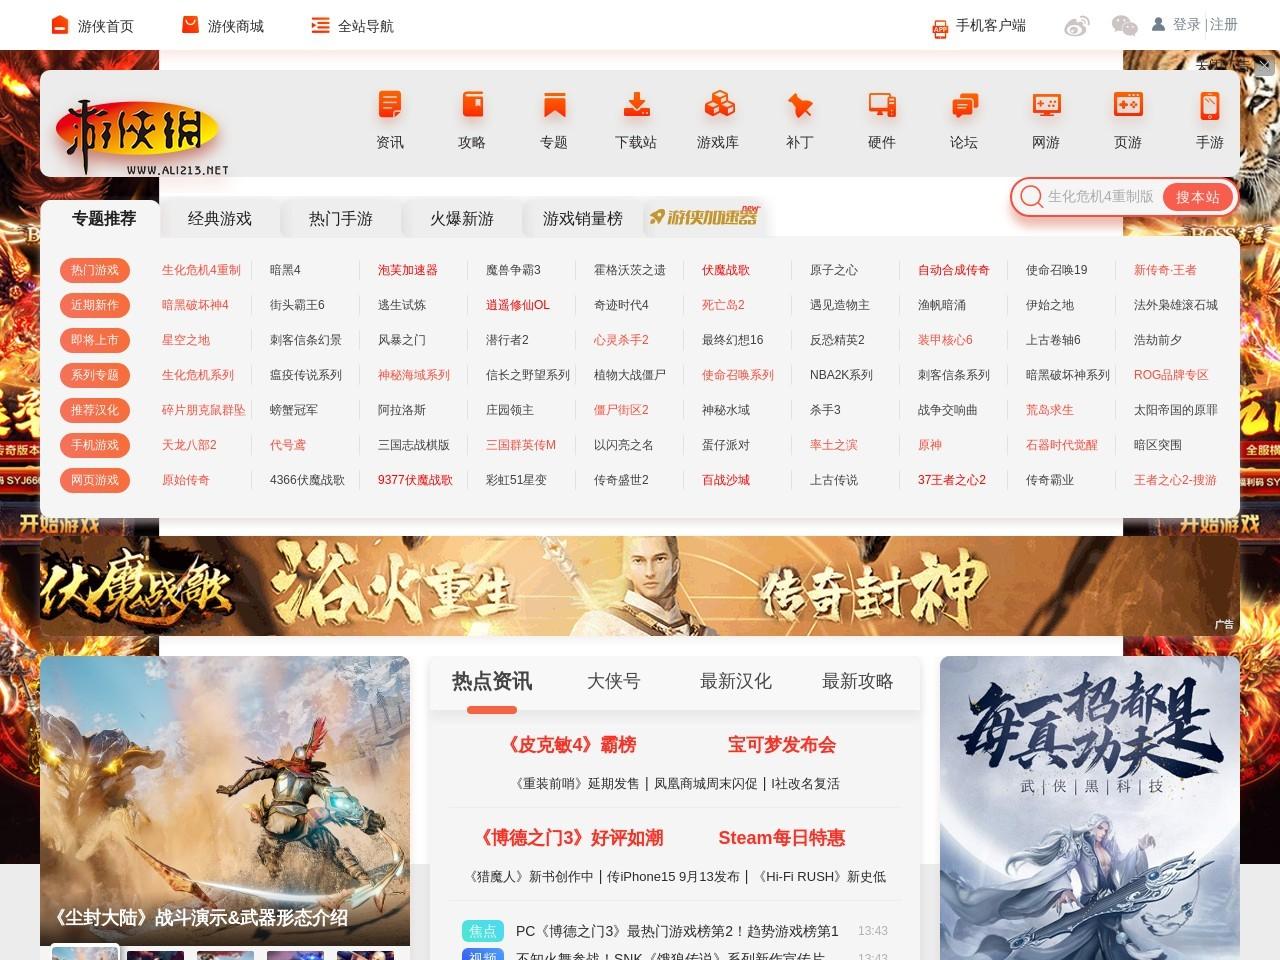 《铁拳》制作人原田胜弘透露《铁拳7》销量已达700万_游侠网 Ali213.net